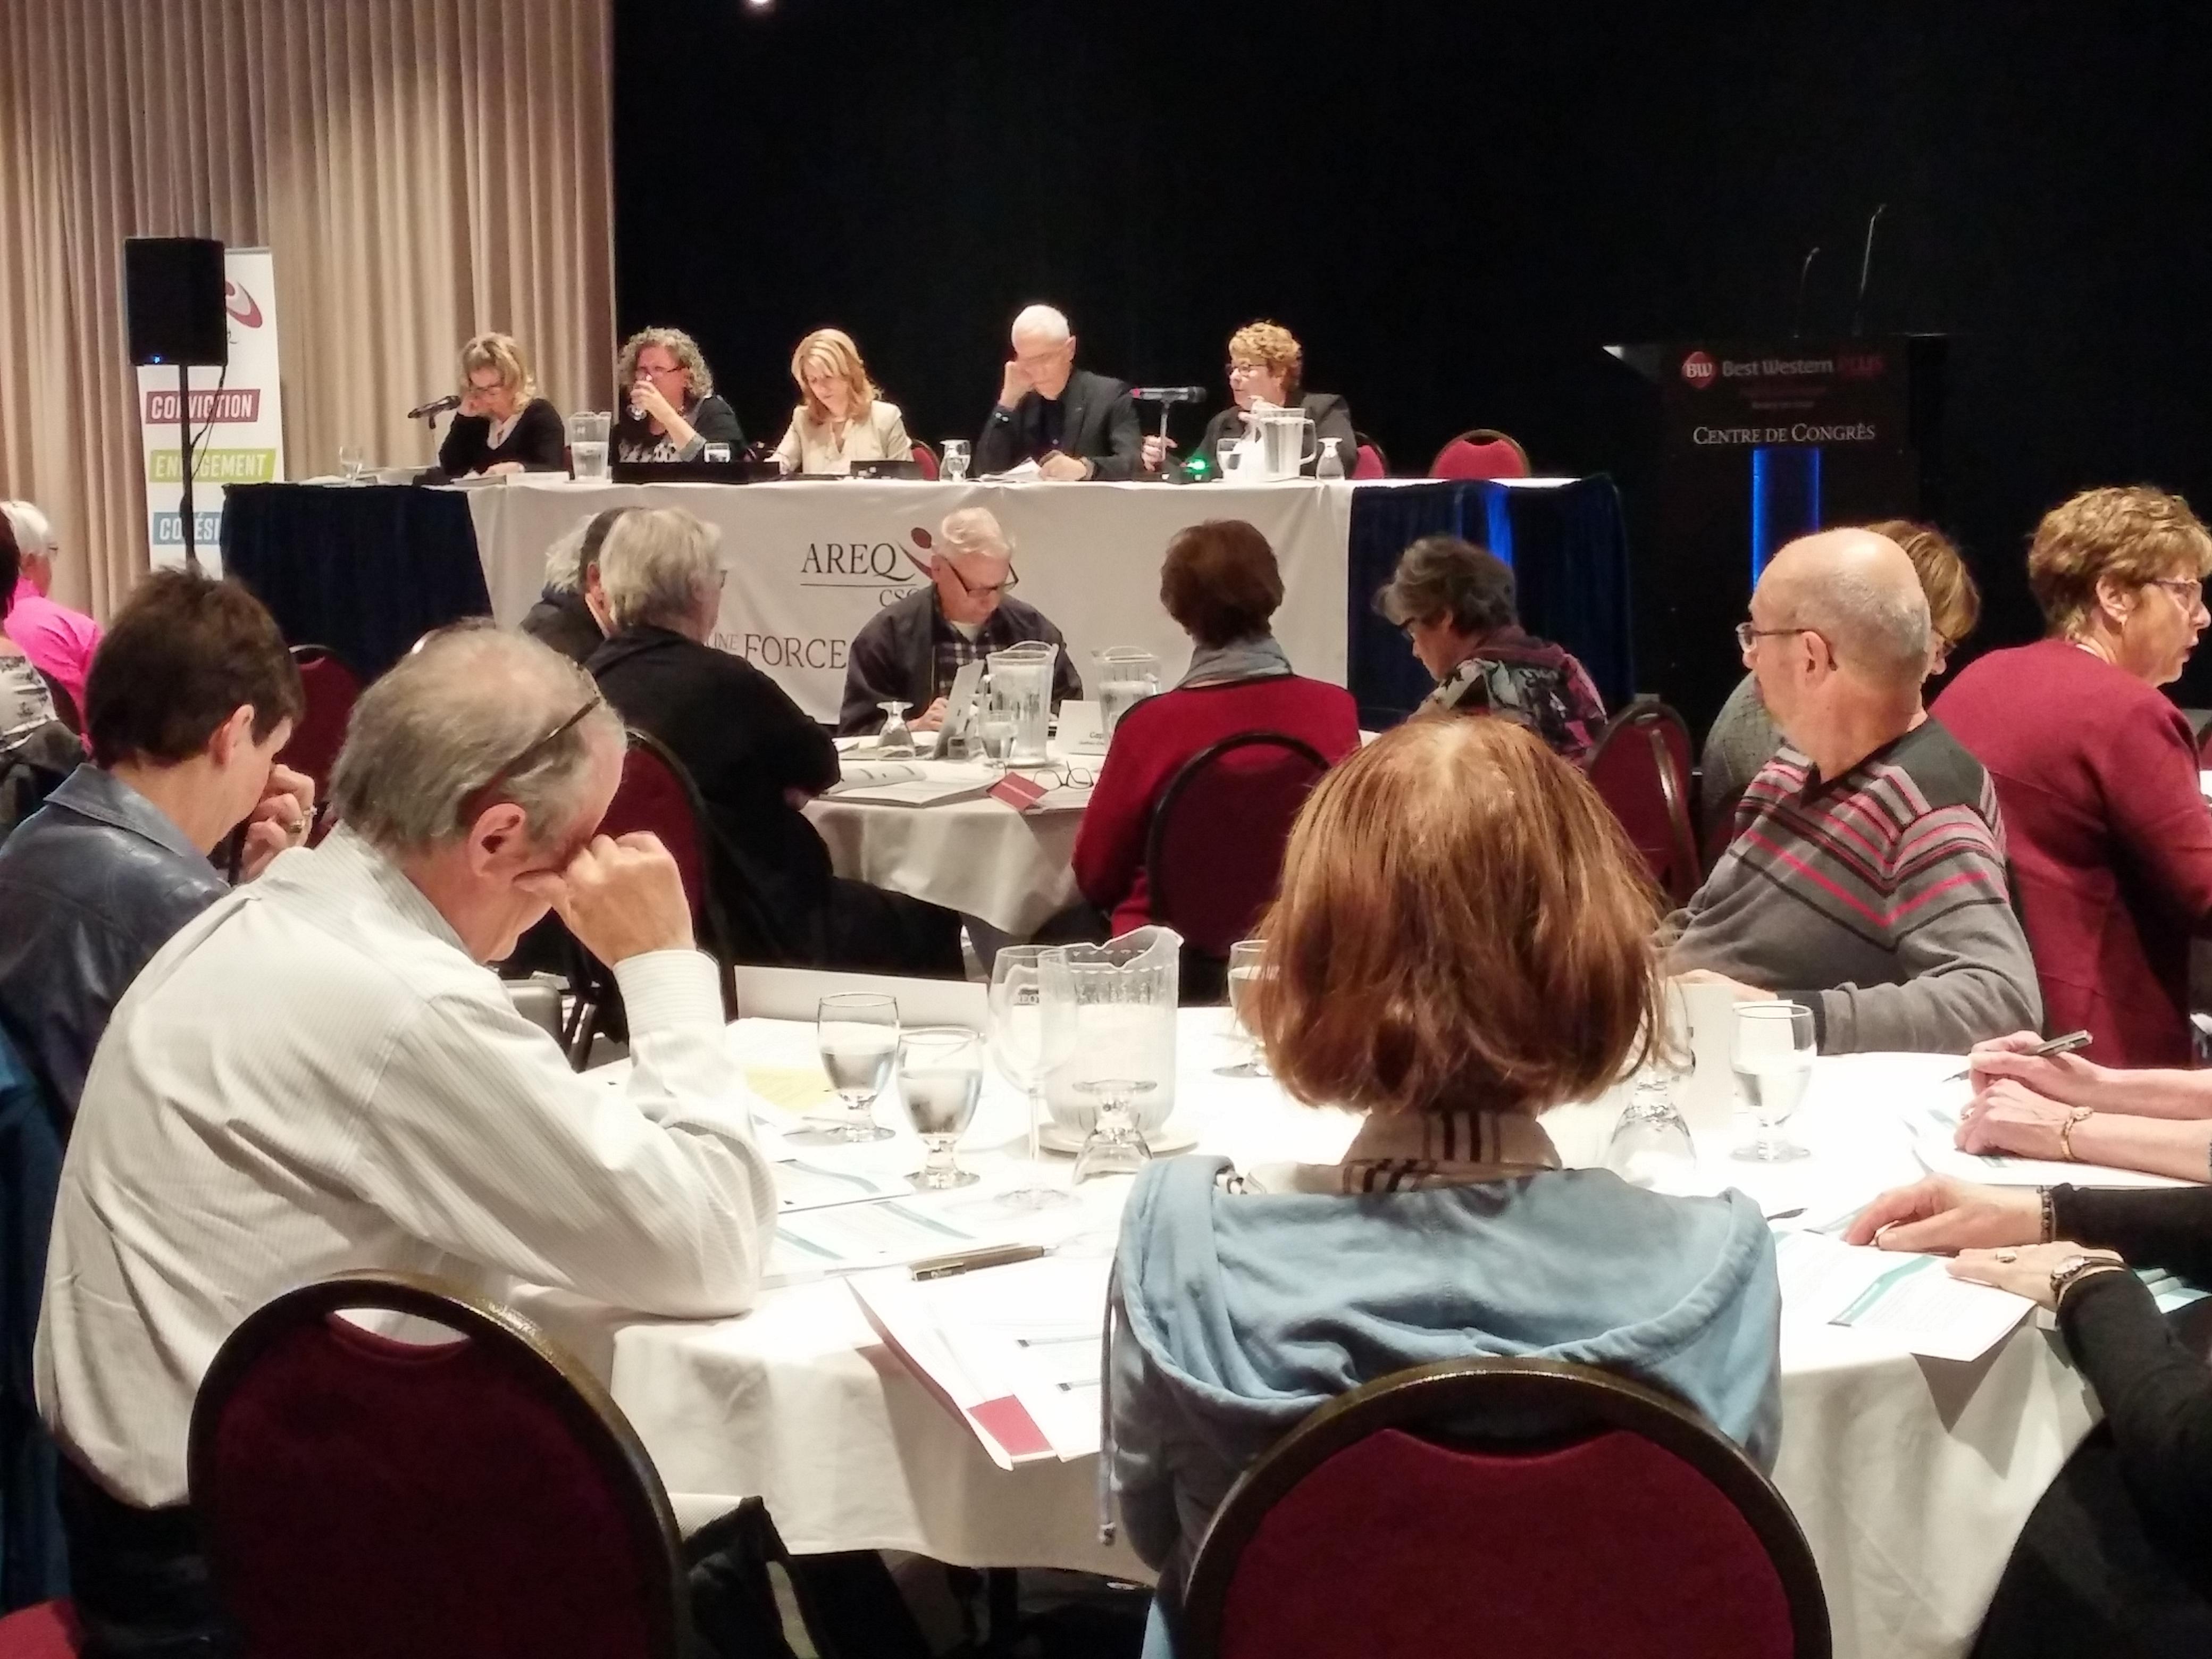 L'AREQ s'invite à Rivière-du-Loup pour une rencontre interrégionale des membres des conseils sectoriels regroupant près de 150 personnes